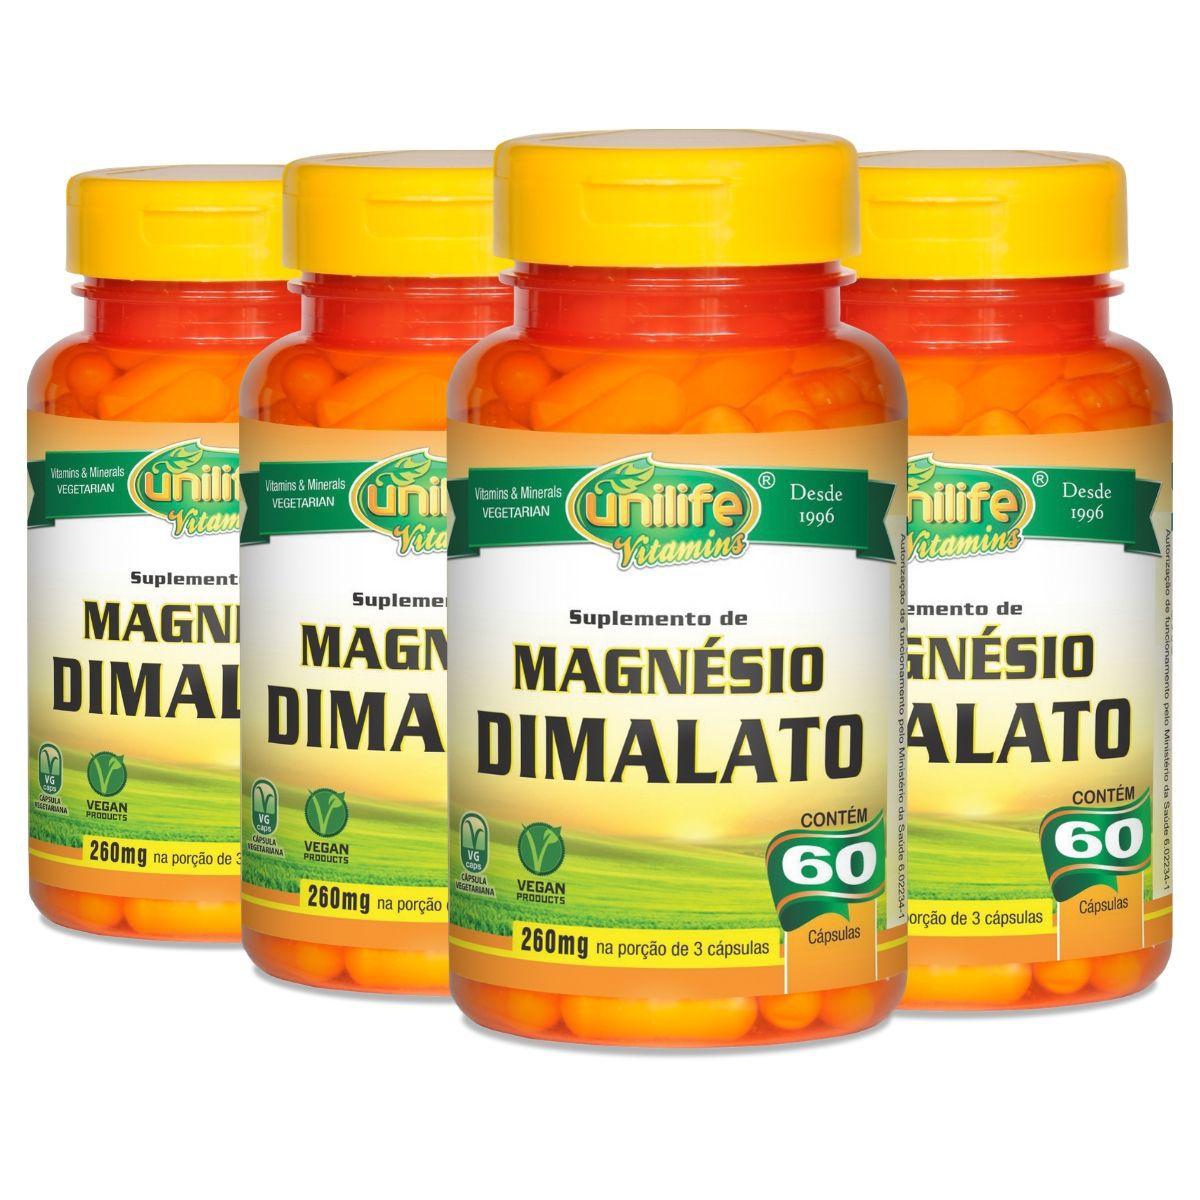 Kit 4 Magnésio Dimalato Unilife - 60 Cápsulas 700mg